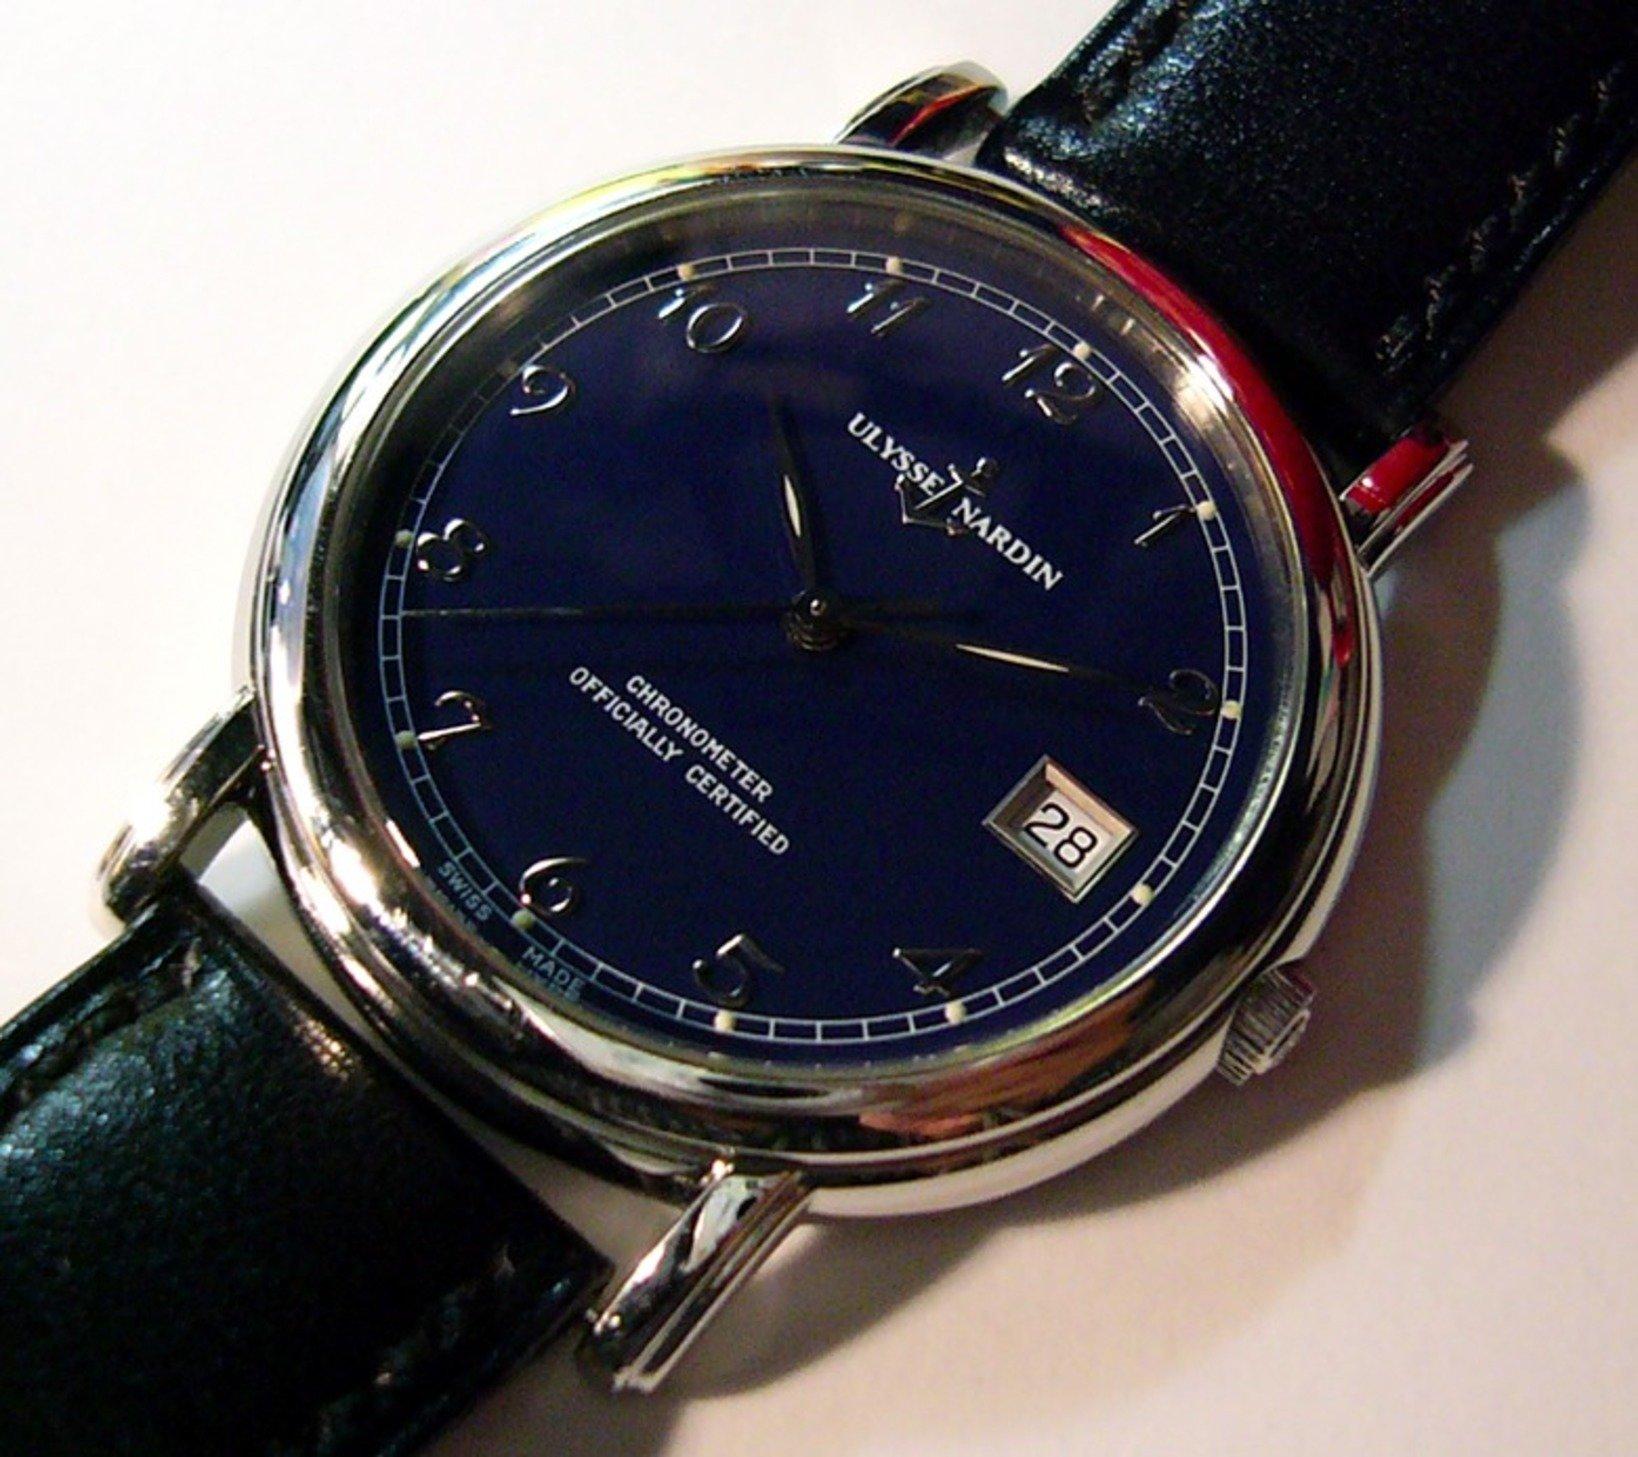 ユリスナルダン サンマルコ 自動巻き。サルマルコといえばクロワゾネを思い浮かべてしまうが、これは普通のブルーの文字盤のモデル。40mm近いケースサイズとほどよい重量感、上品な文字盤デザインはさすがユリスナルダン!ボクが持っていた時計の中でエベルと並んで気に入っていた。なのに、なぜか手放してしまった。この後のユリスナルダンの時計はトレンドを追ったデザインになってしまい、魅力が失せてしまった。